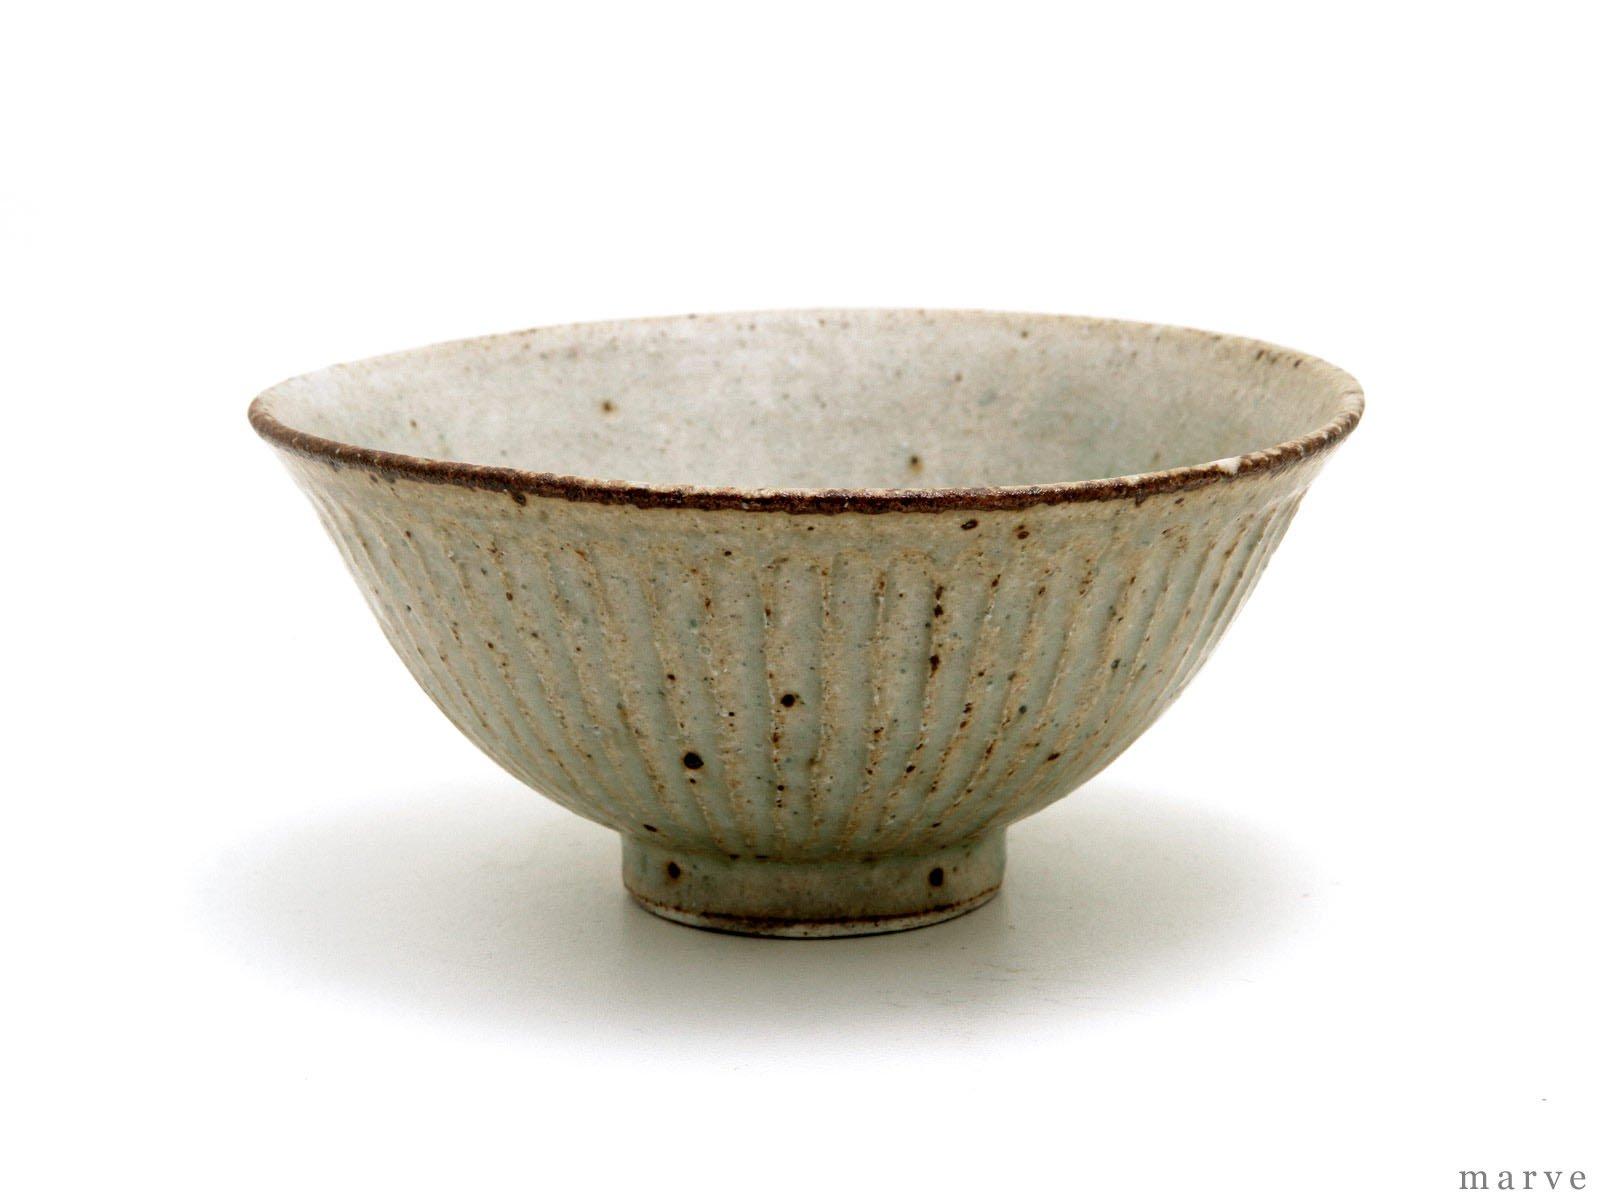 伊藤豊 鎬(シノギ) 茶碗 黄粉引